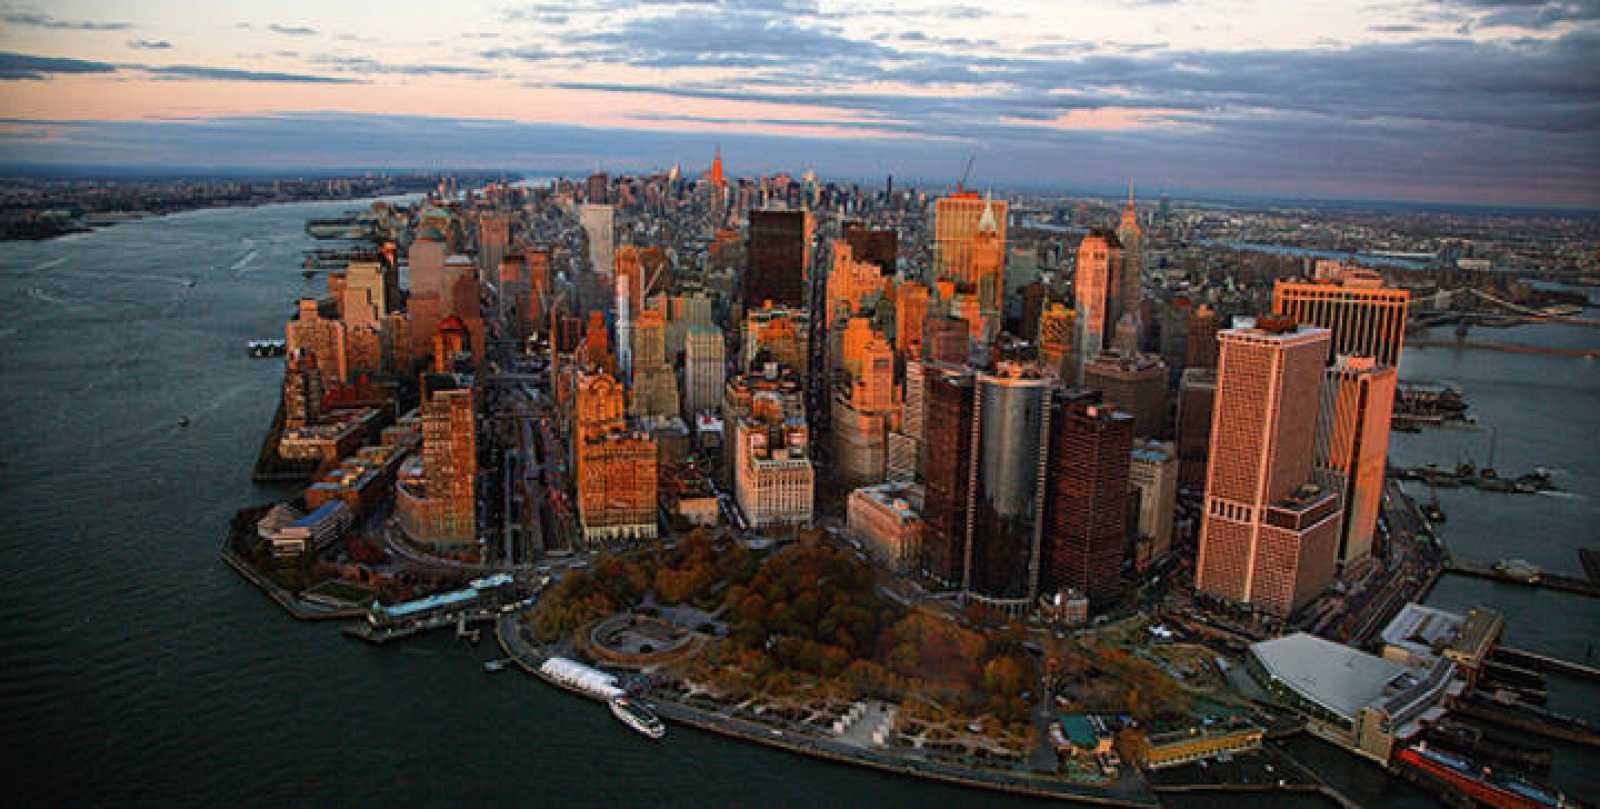 Vista aérea de Manhattan del libro 'Nueva York. Arquitectura desde el cielo', deYann Arthus-Bertrand y John Tauranac